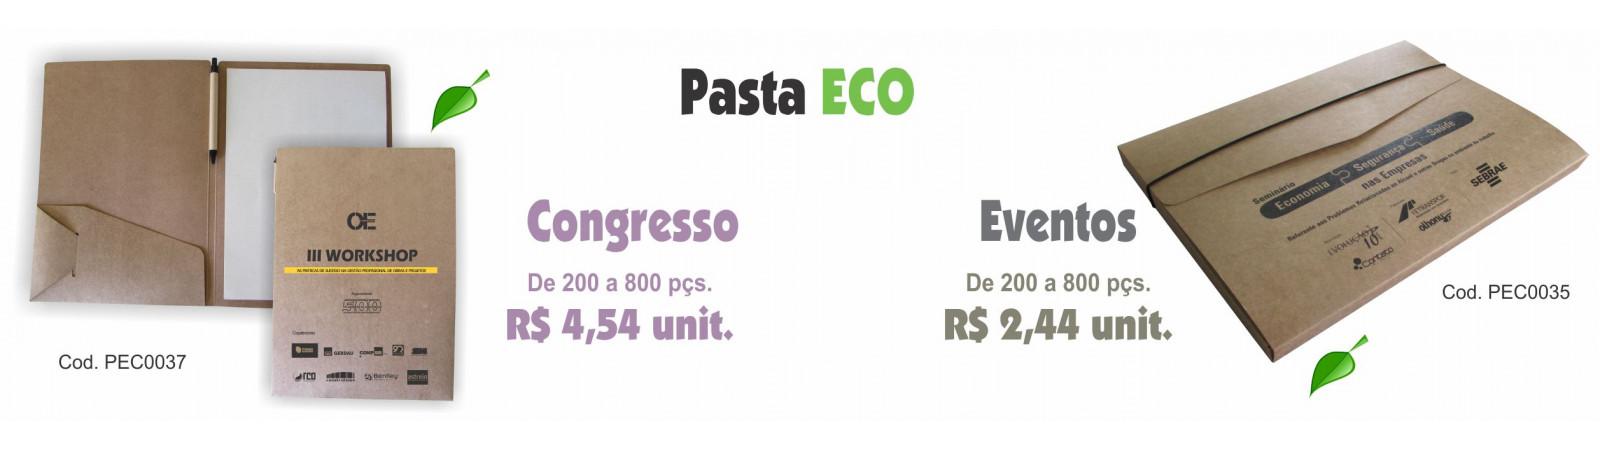 Pasta Eco